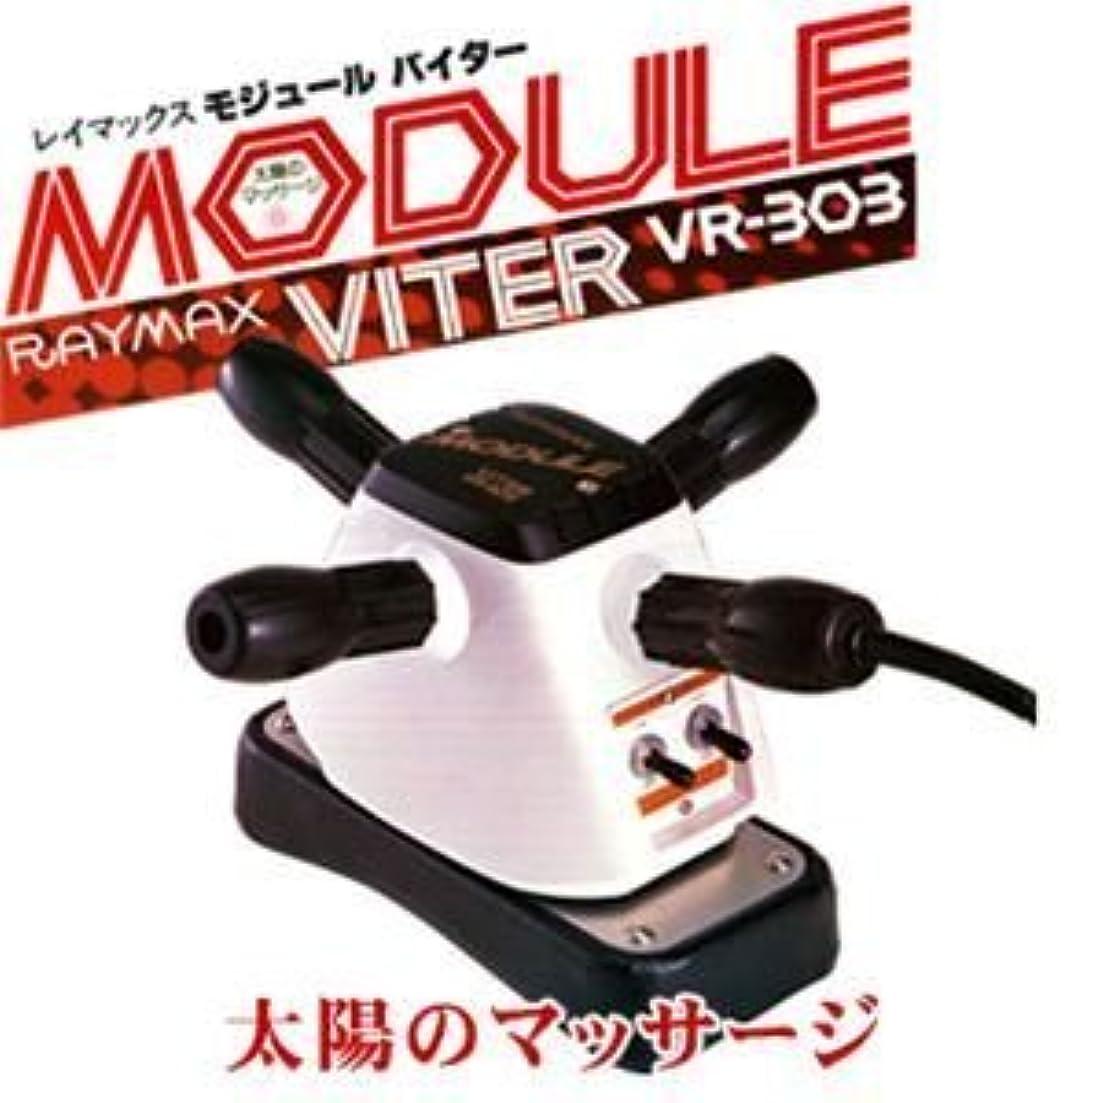 石刺しますほぼRAYMAX(レイマックス) モジュールバイター VR-303